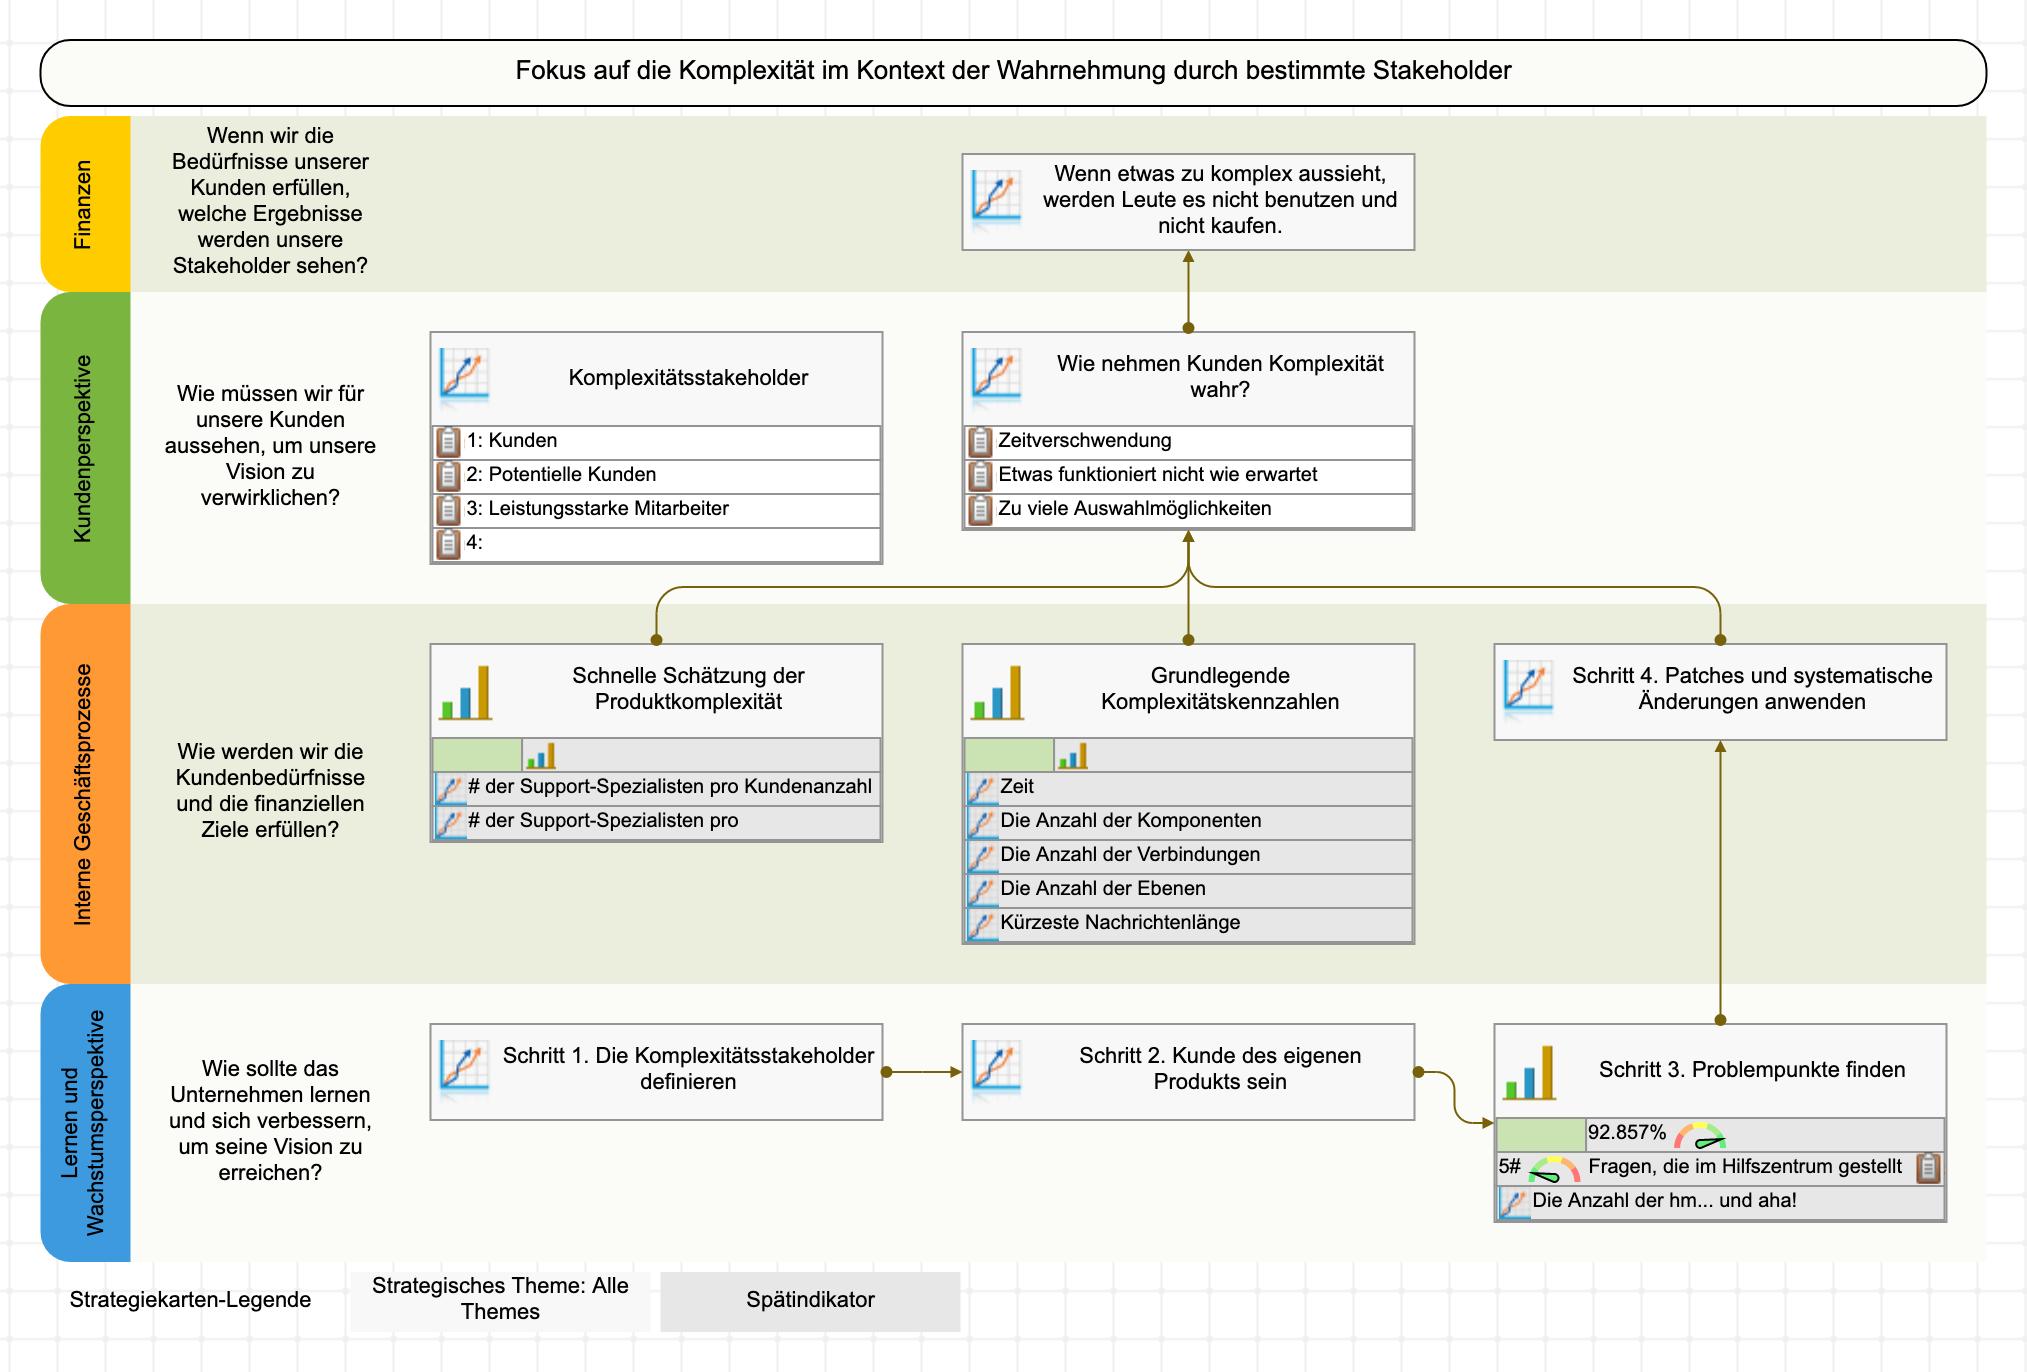 Ein Beispiel für eine Komplexitätsreaktionsstrategie.